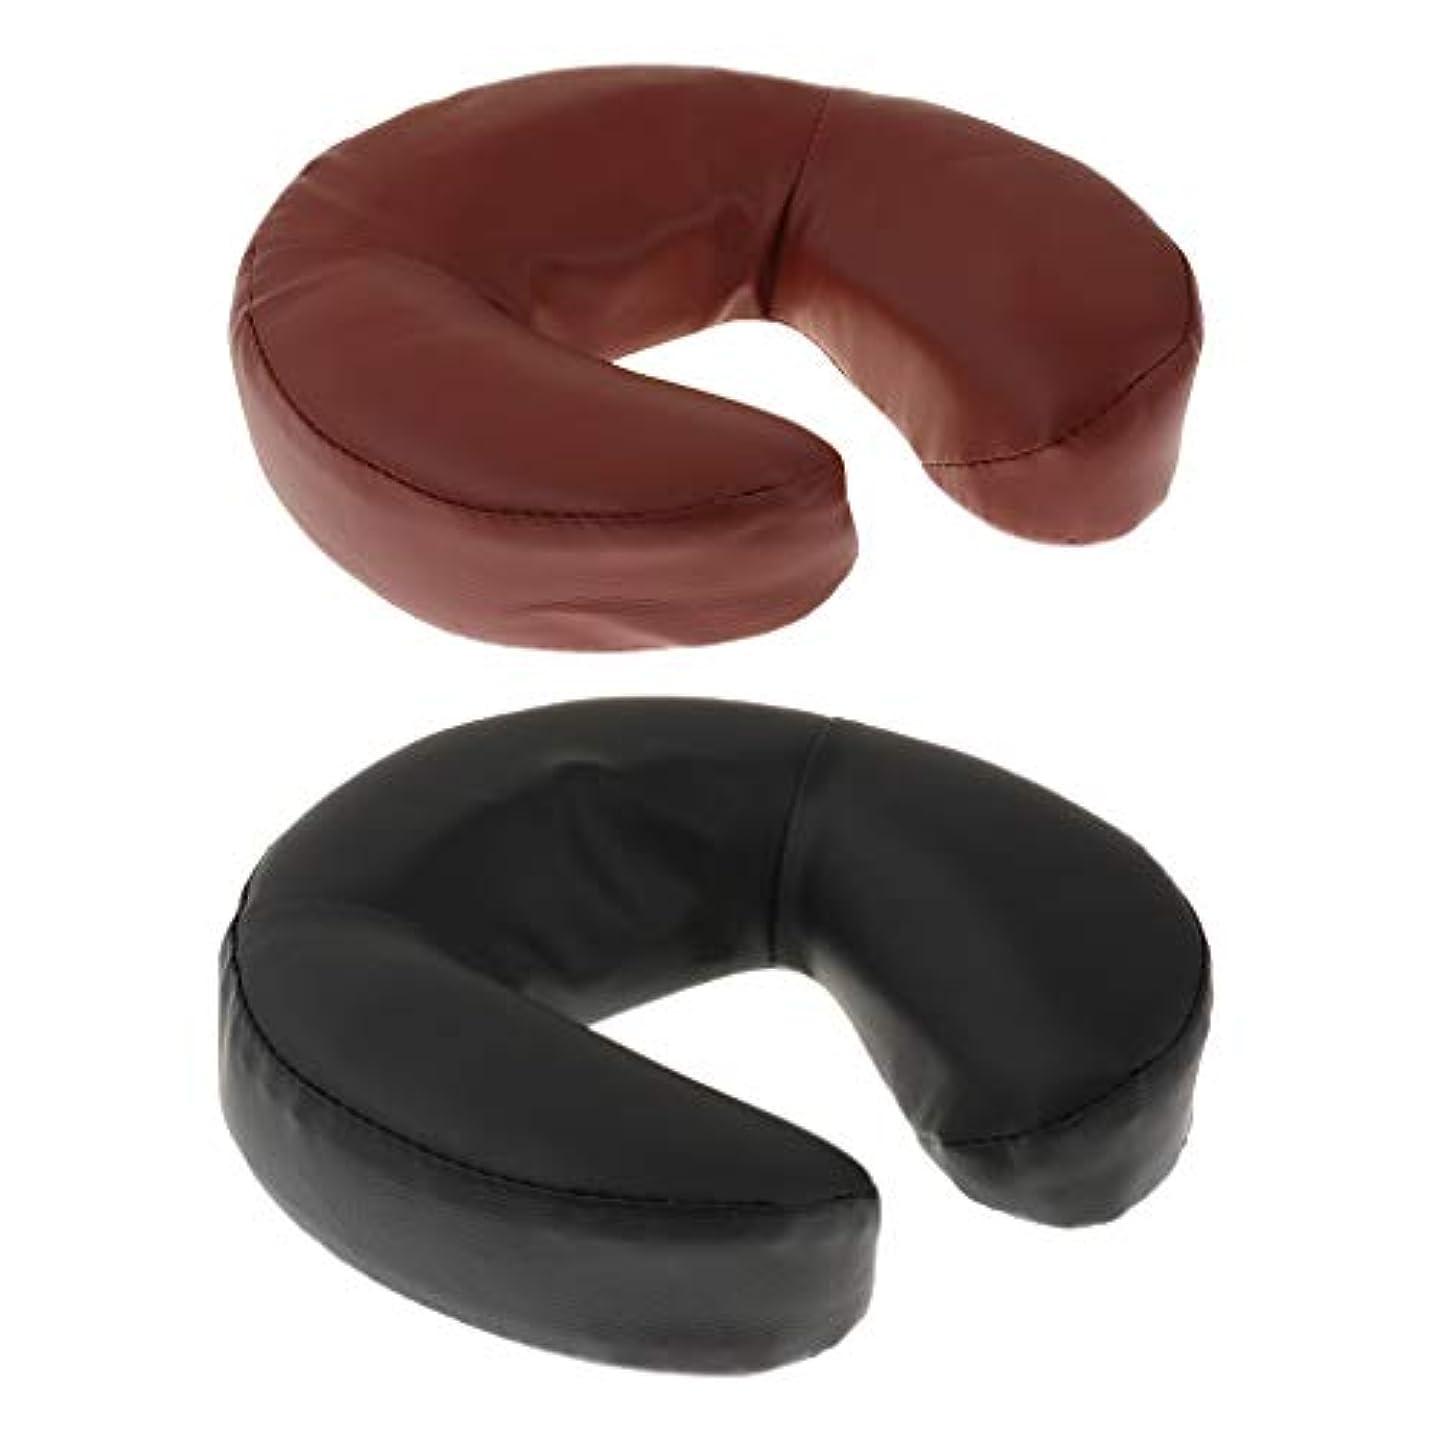 マーベル言い訳主婦dailymall スパサロンの2ピースコンフォートマッサージテーブルベッドフェイスダウンクレードルクッション枕